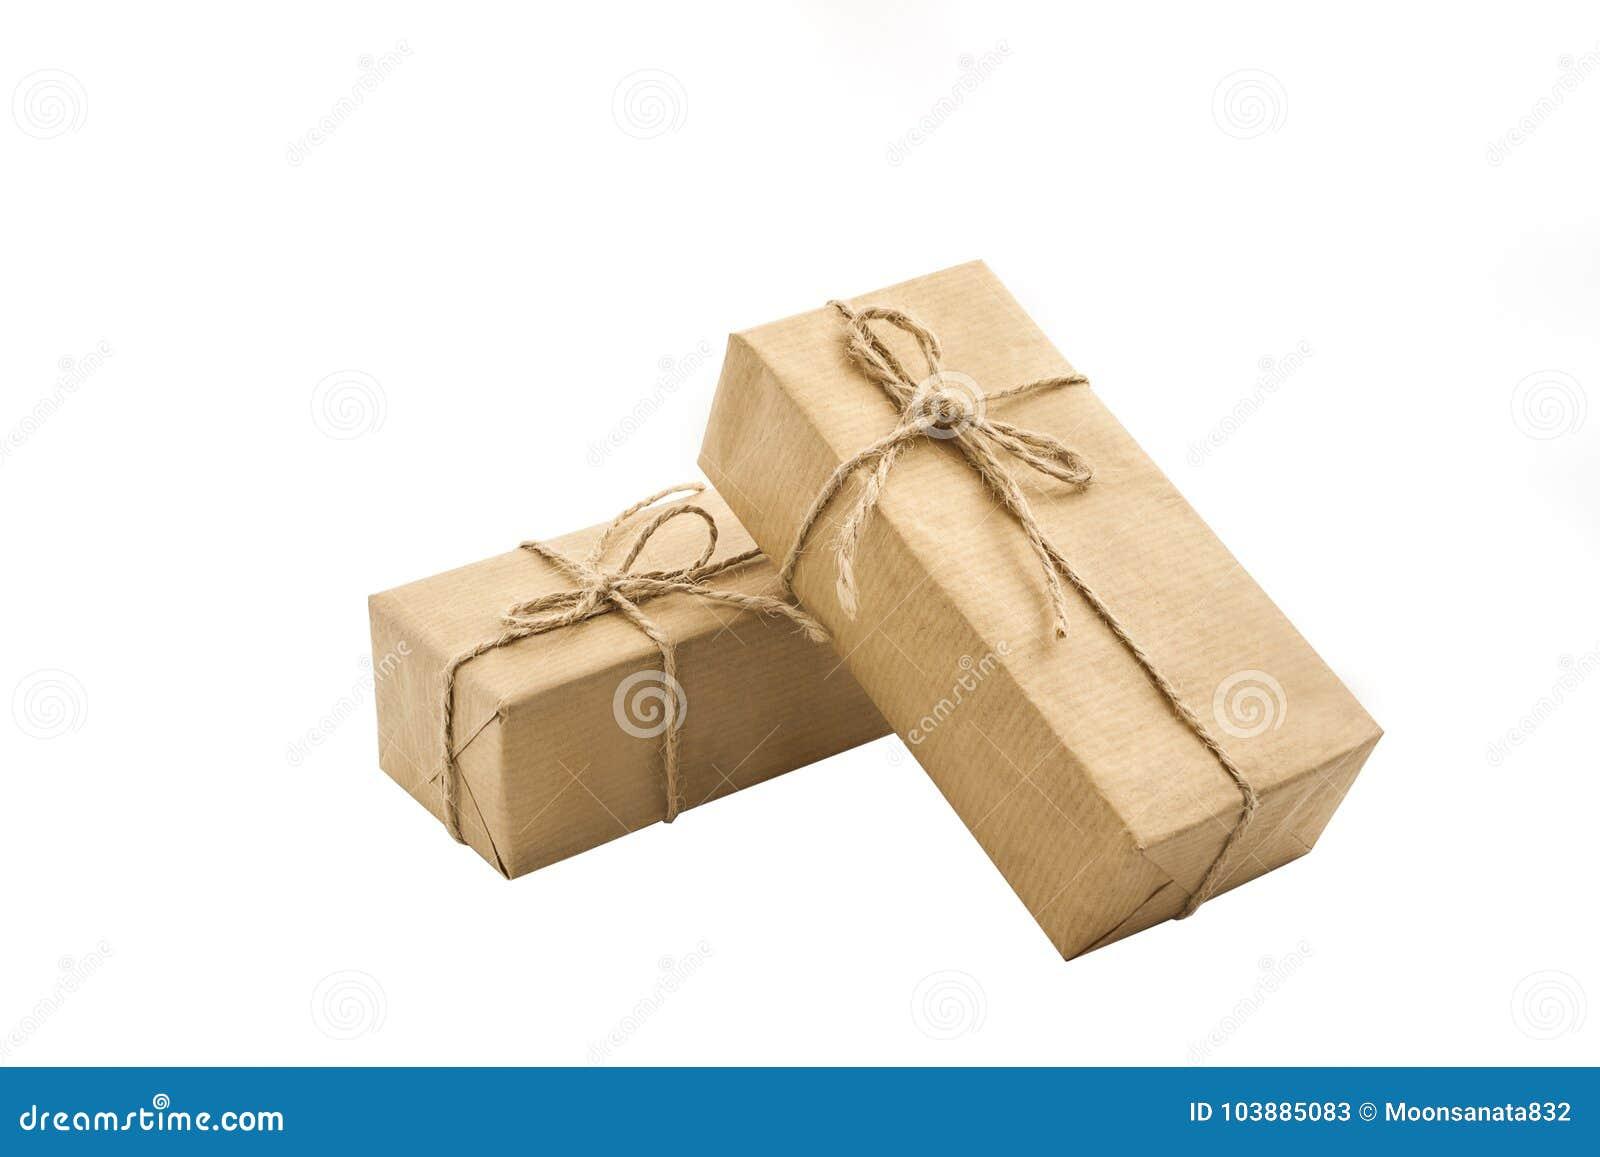 Document van de gift het vakje verpakte ambacht op de isolatieachtergrond